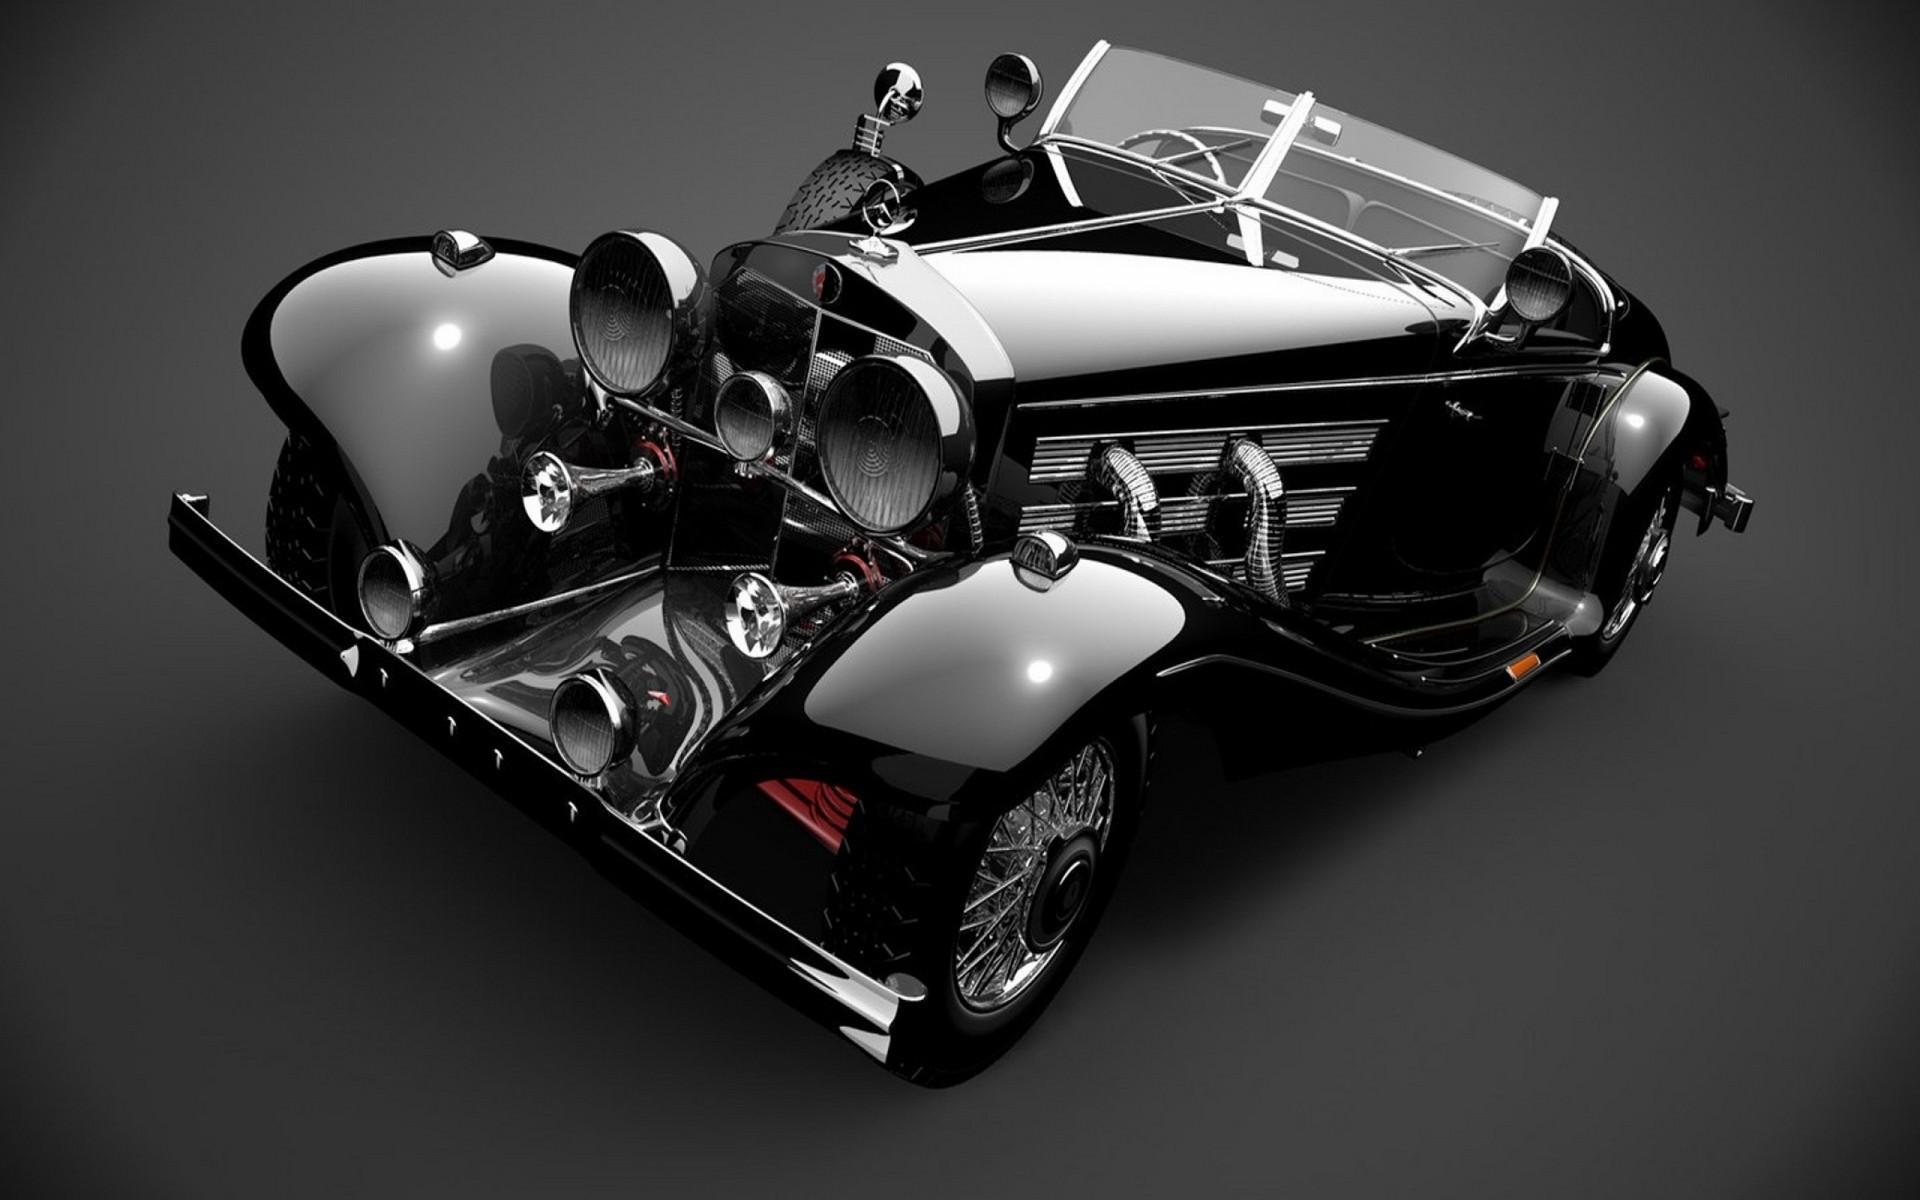 Monochrome Car Vehicle Mercedes Benz Vintage Sports Classic 1920x1200 Px Black